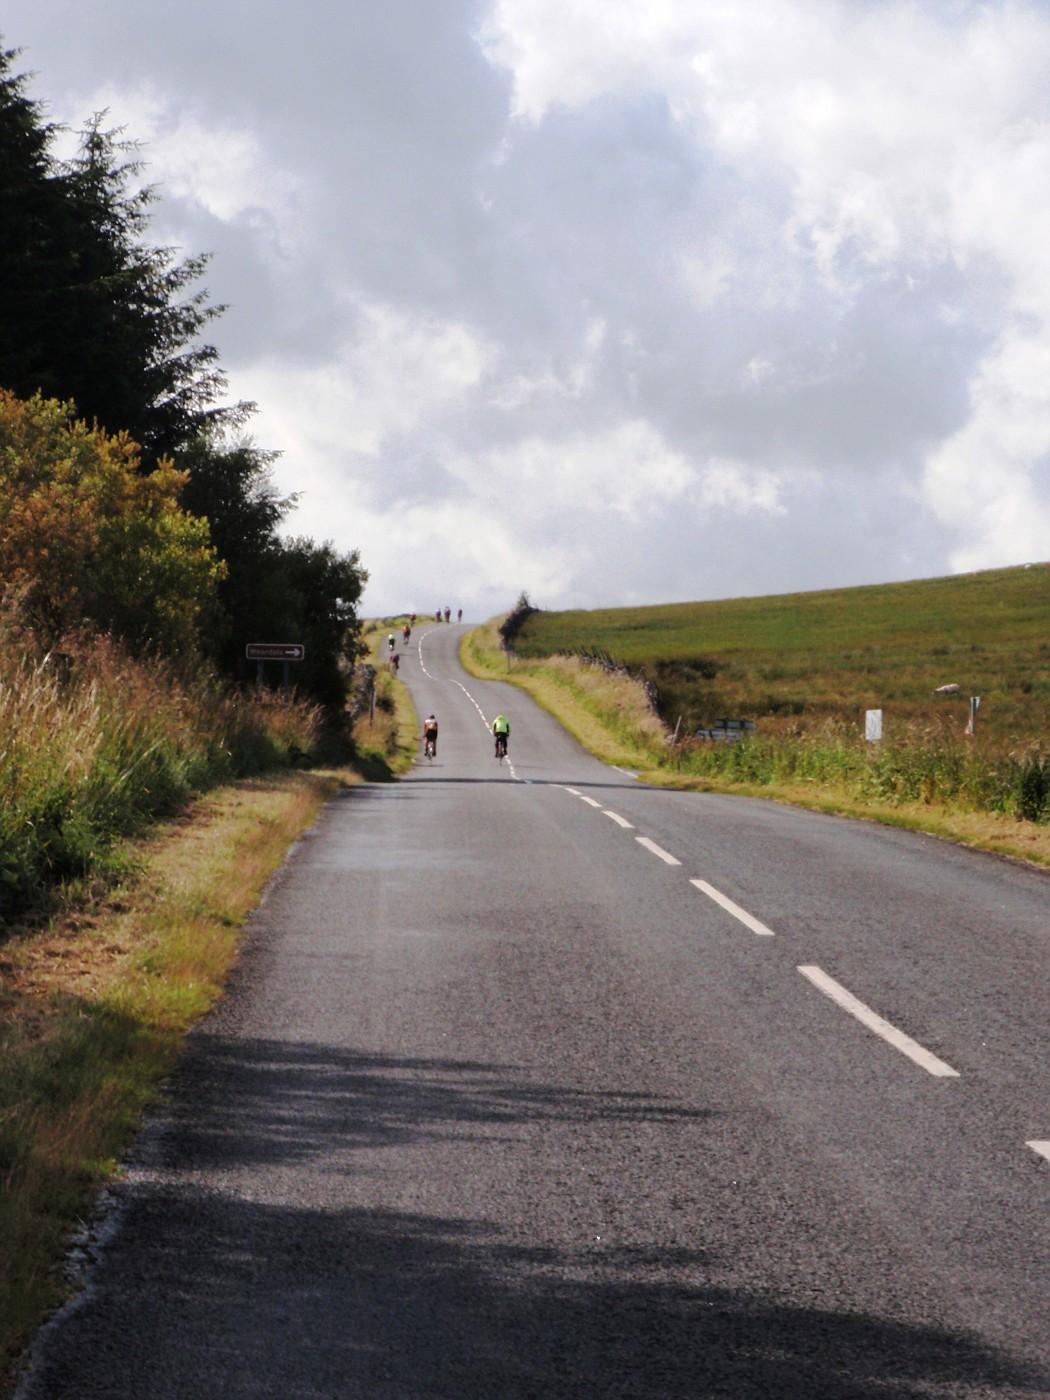 Road in Cumbria, England